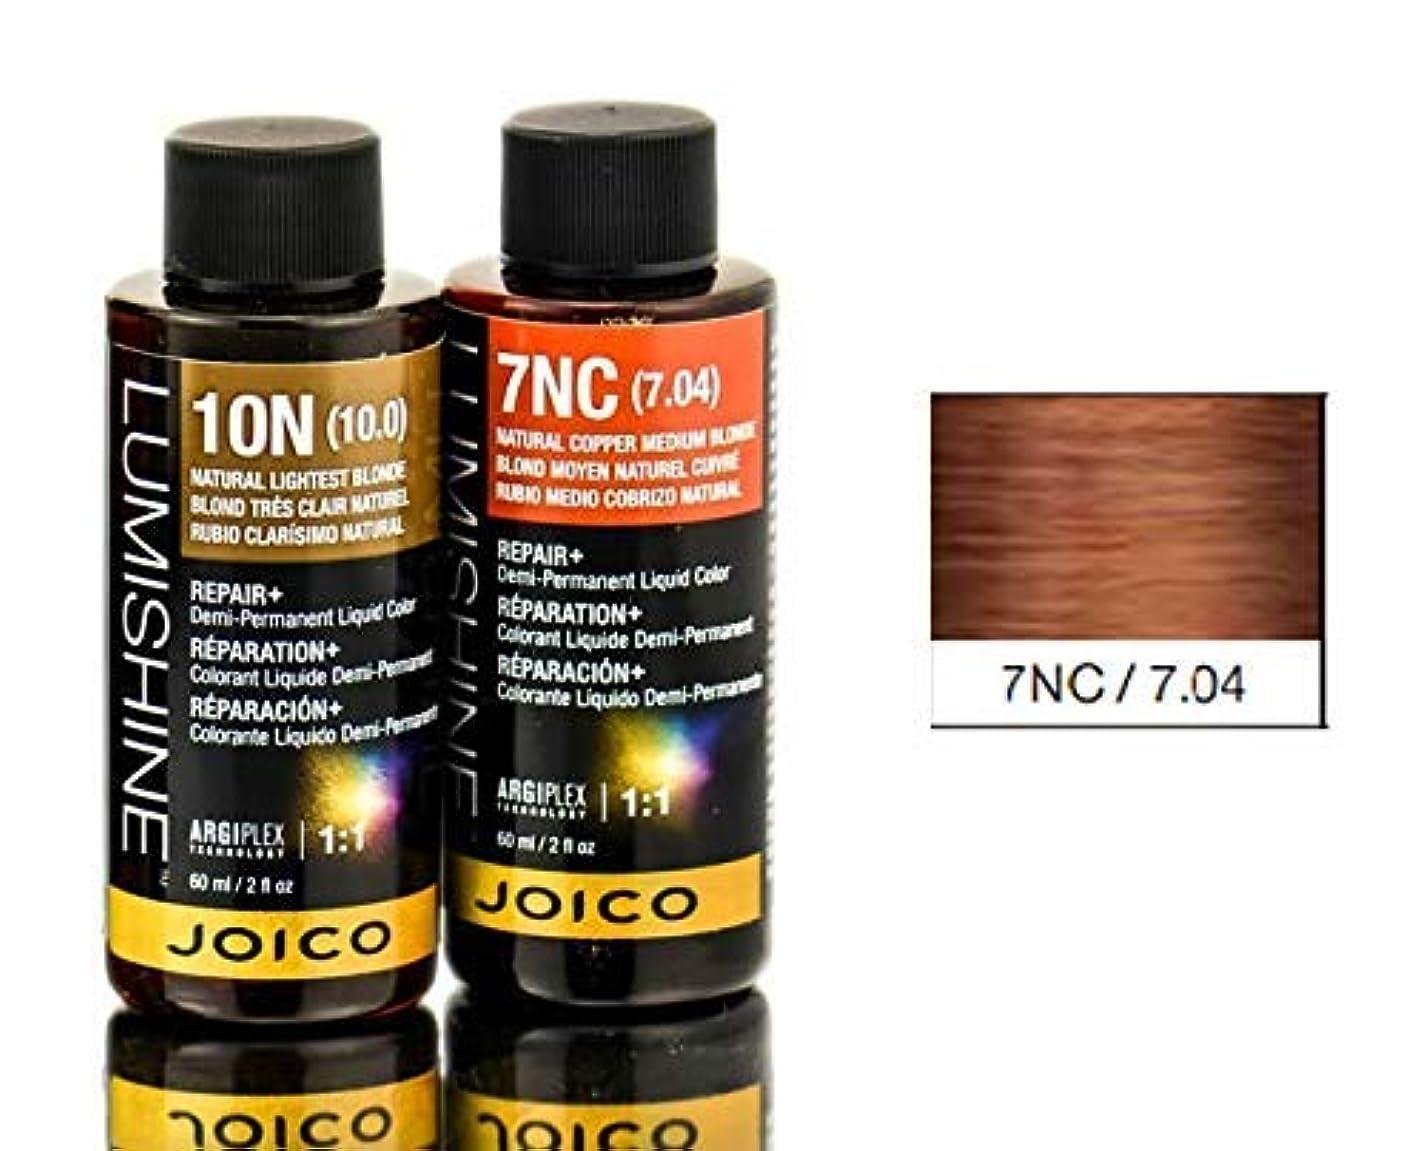 バンド治安判事またはJoico Lumishineデミパーマネント液体色、7nc / 7.04、 2オンス